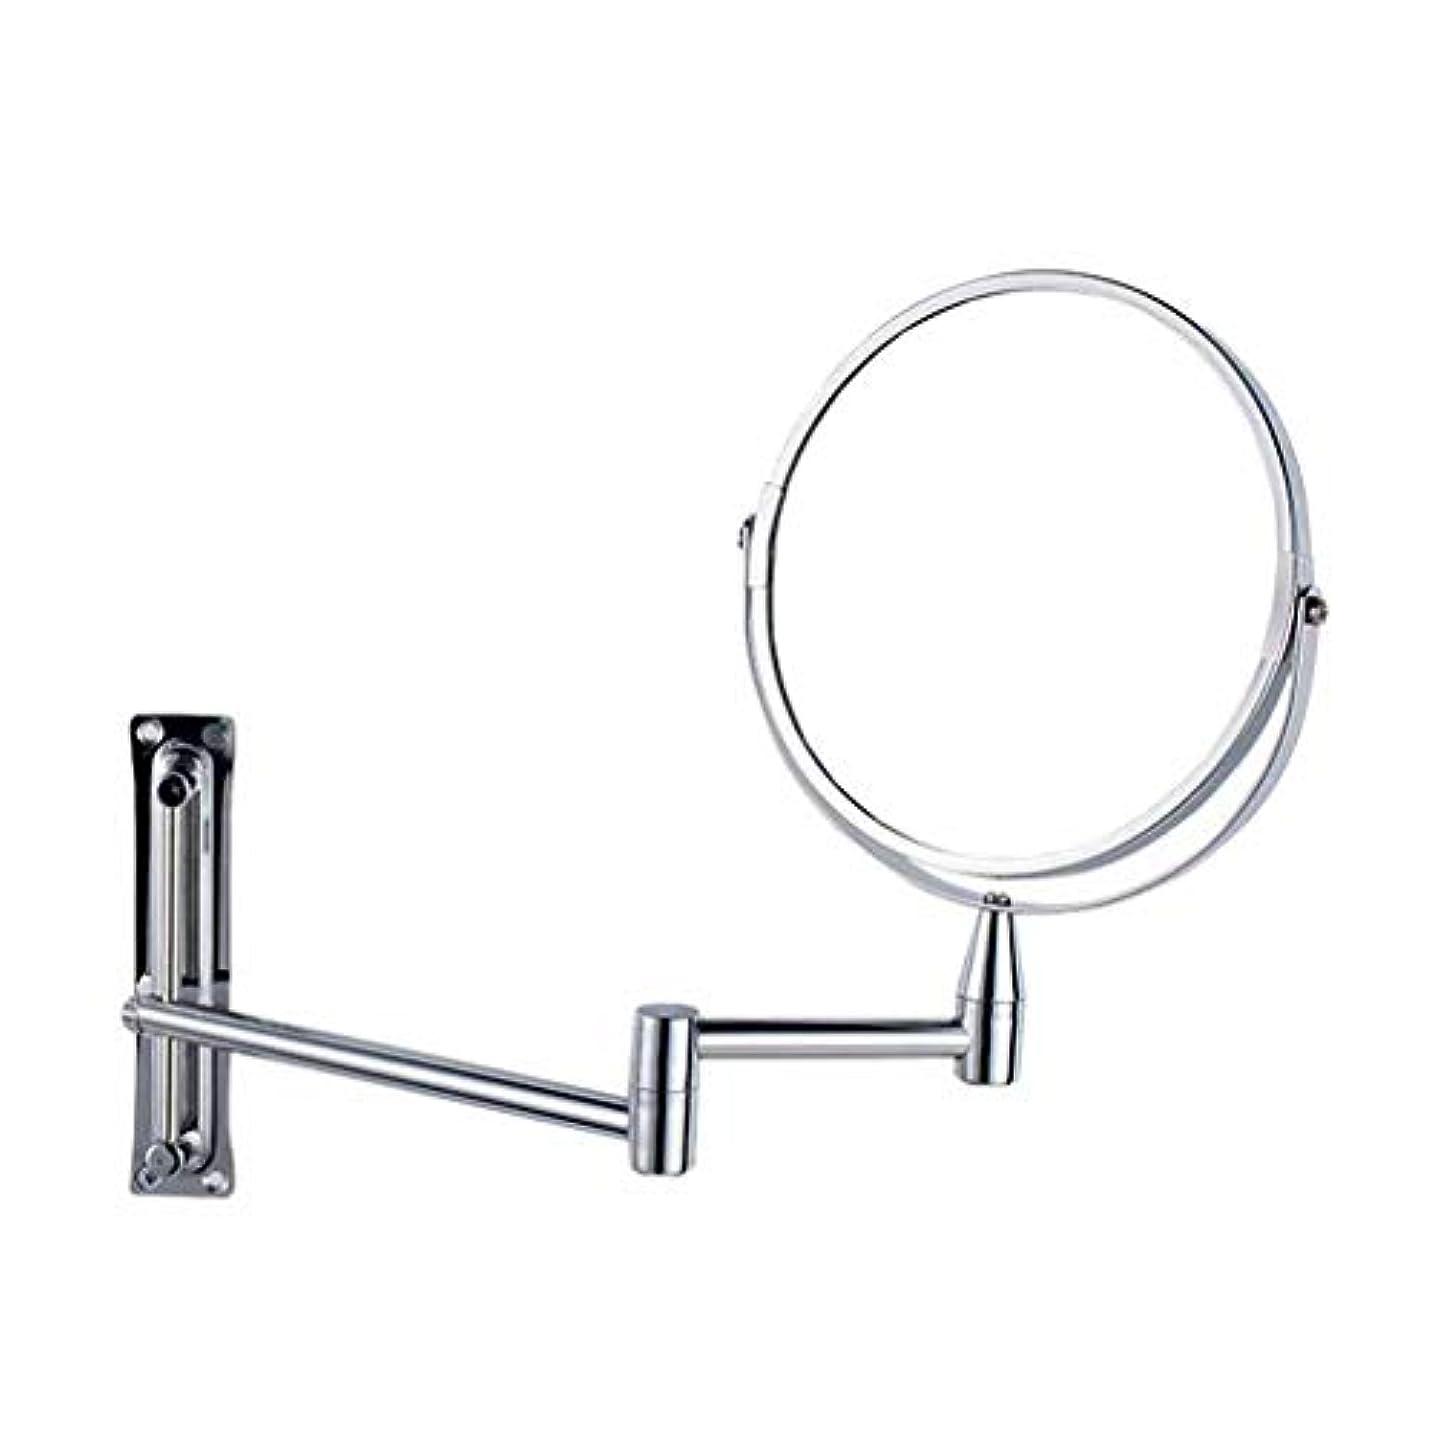 明らか効果どう?ACMEDE 両面化粧鏡 壁付け 折りたたみ 5倍拡大鏡+等倍 360度回転 伸縮可能 壁付けミラー 洋式アームミラー メイク道具 洗面所に取り付け